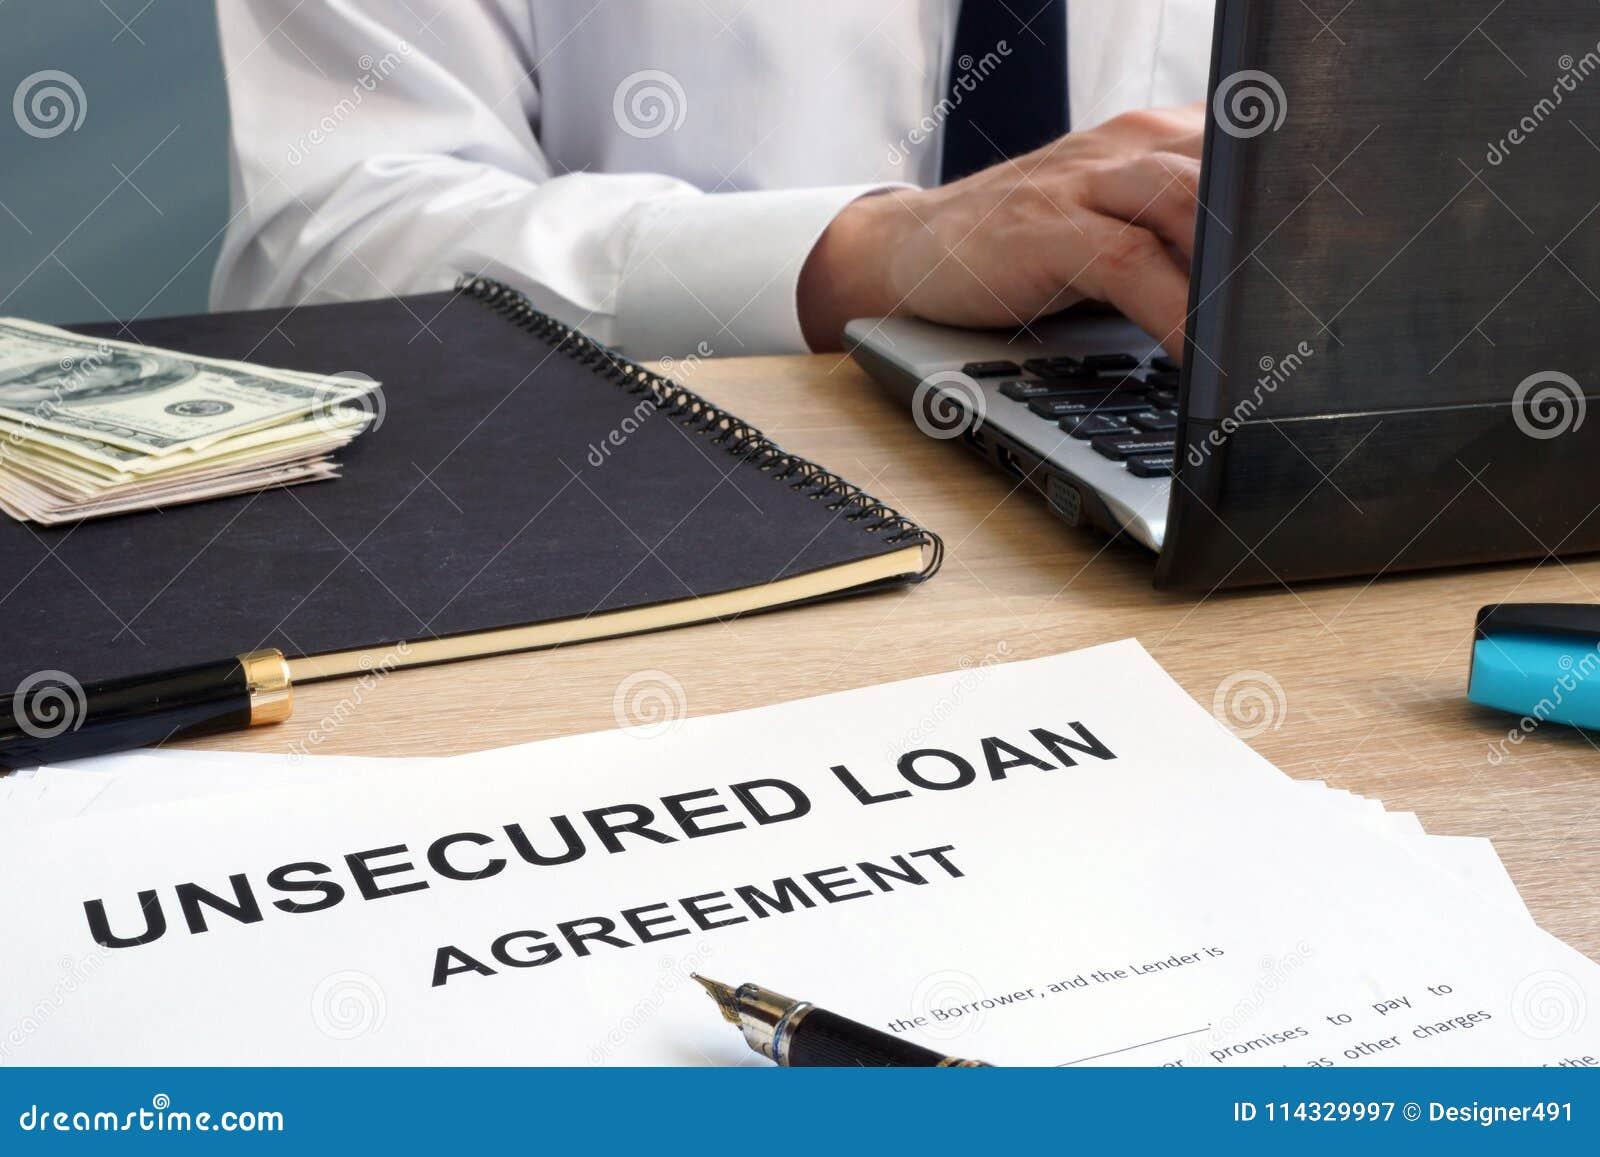 Onbeveiligde leningsvorm in een bureau